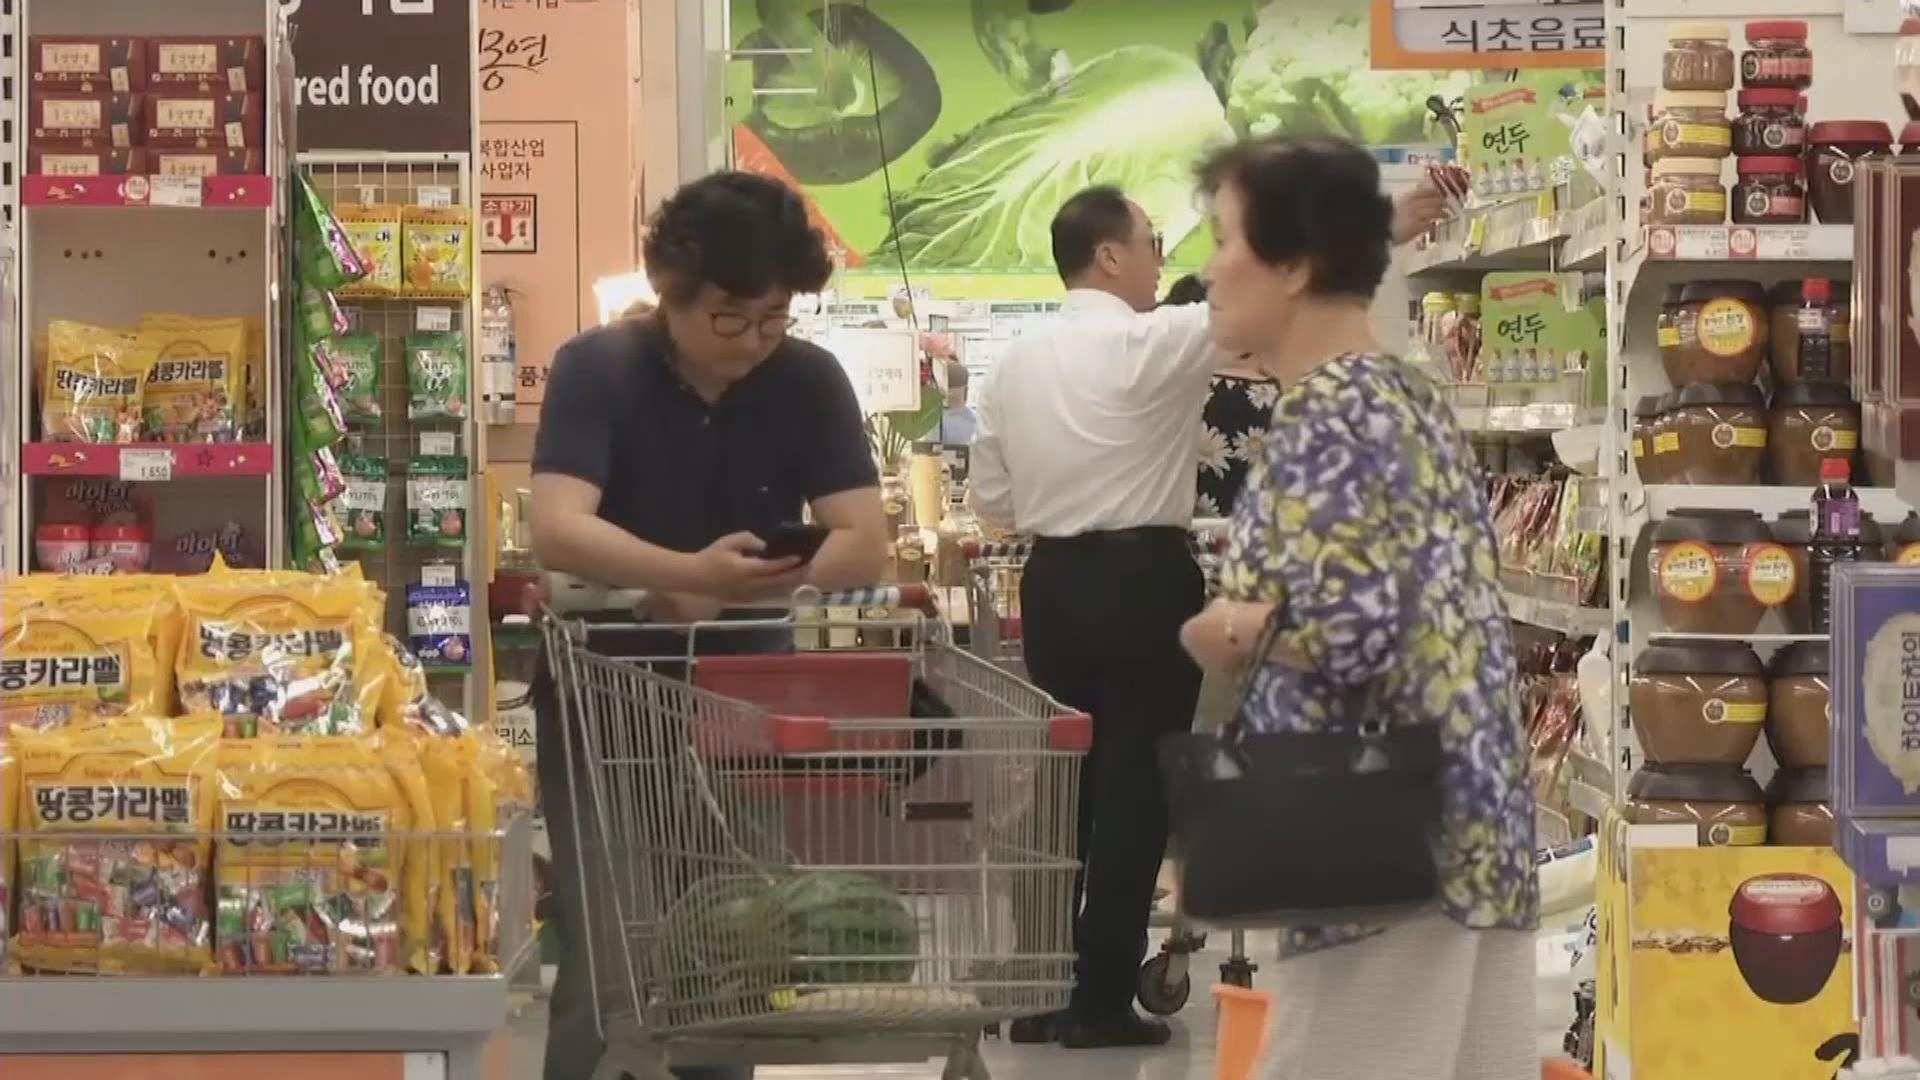 南韓多間店鋪發起抵制日本商品行動